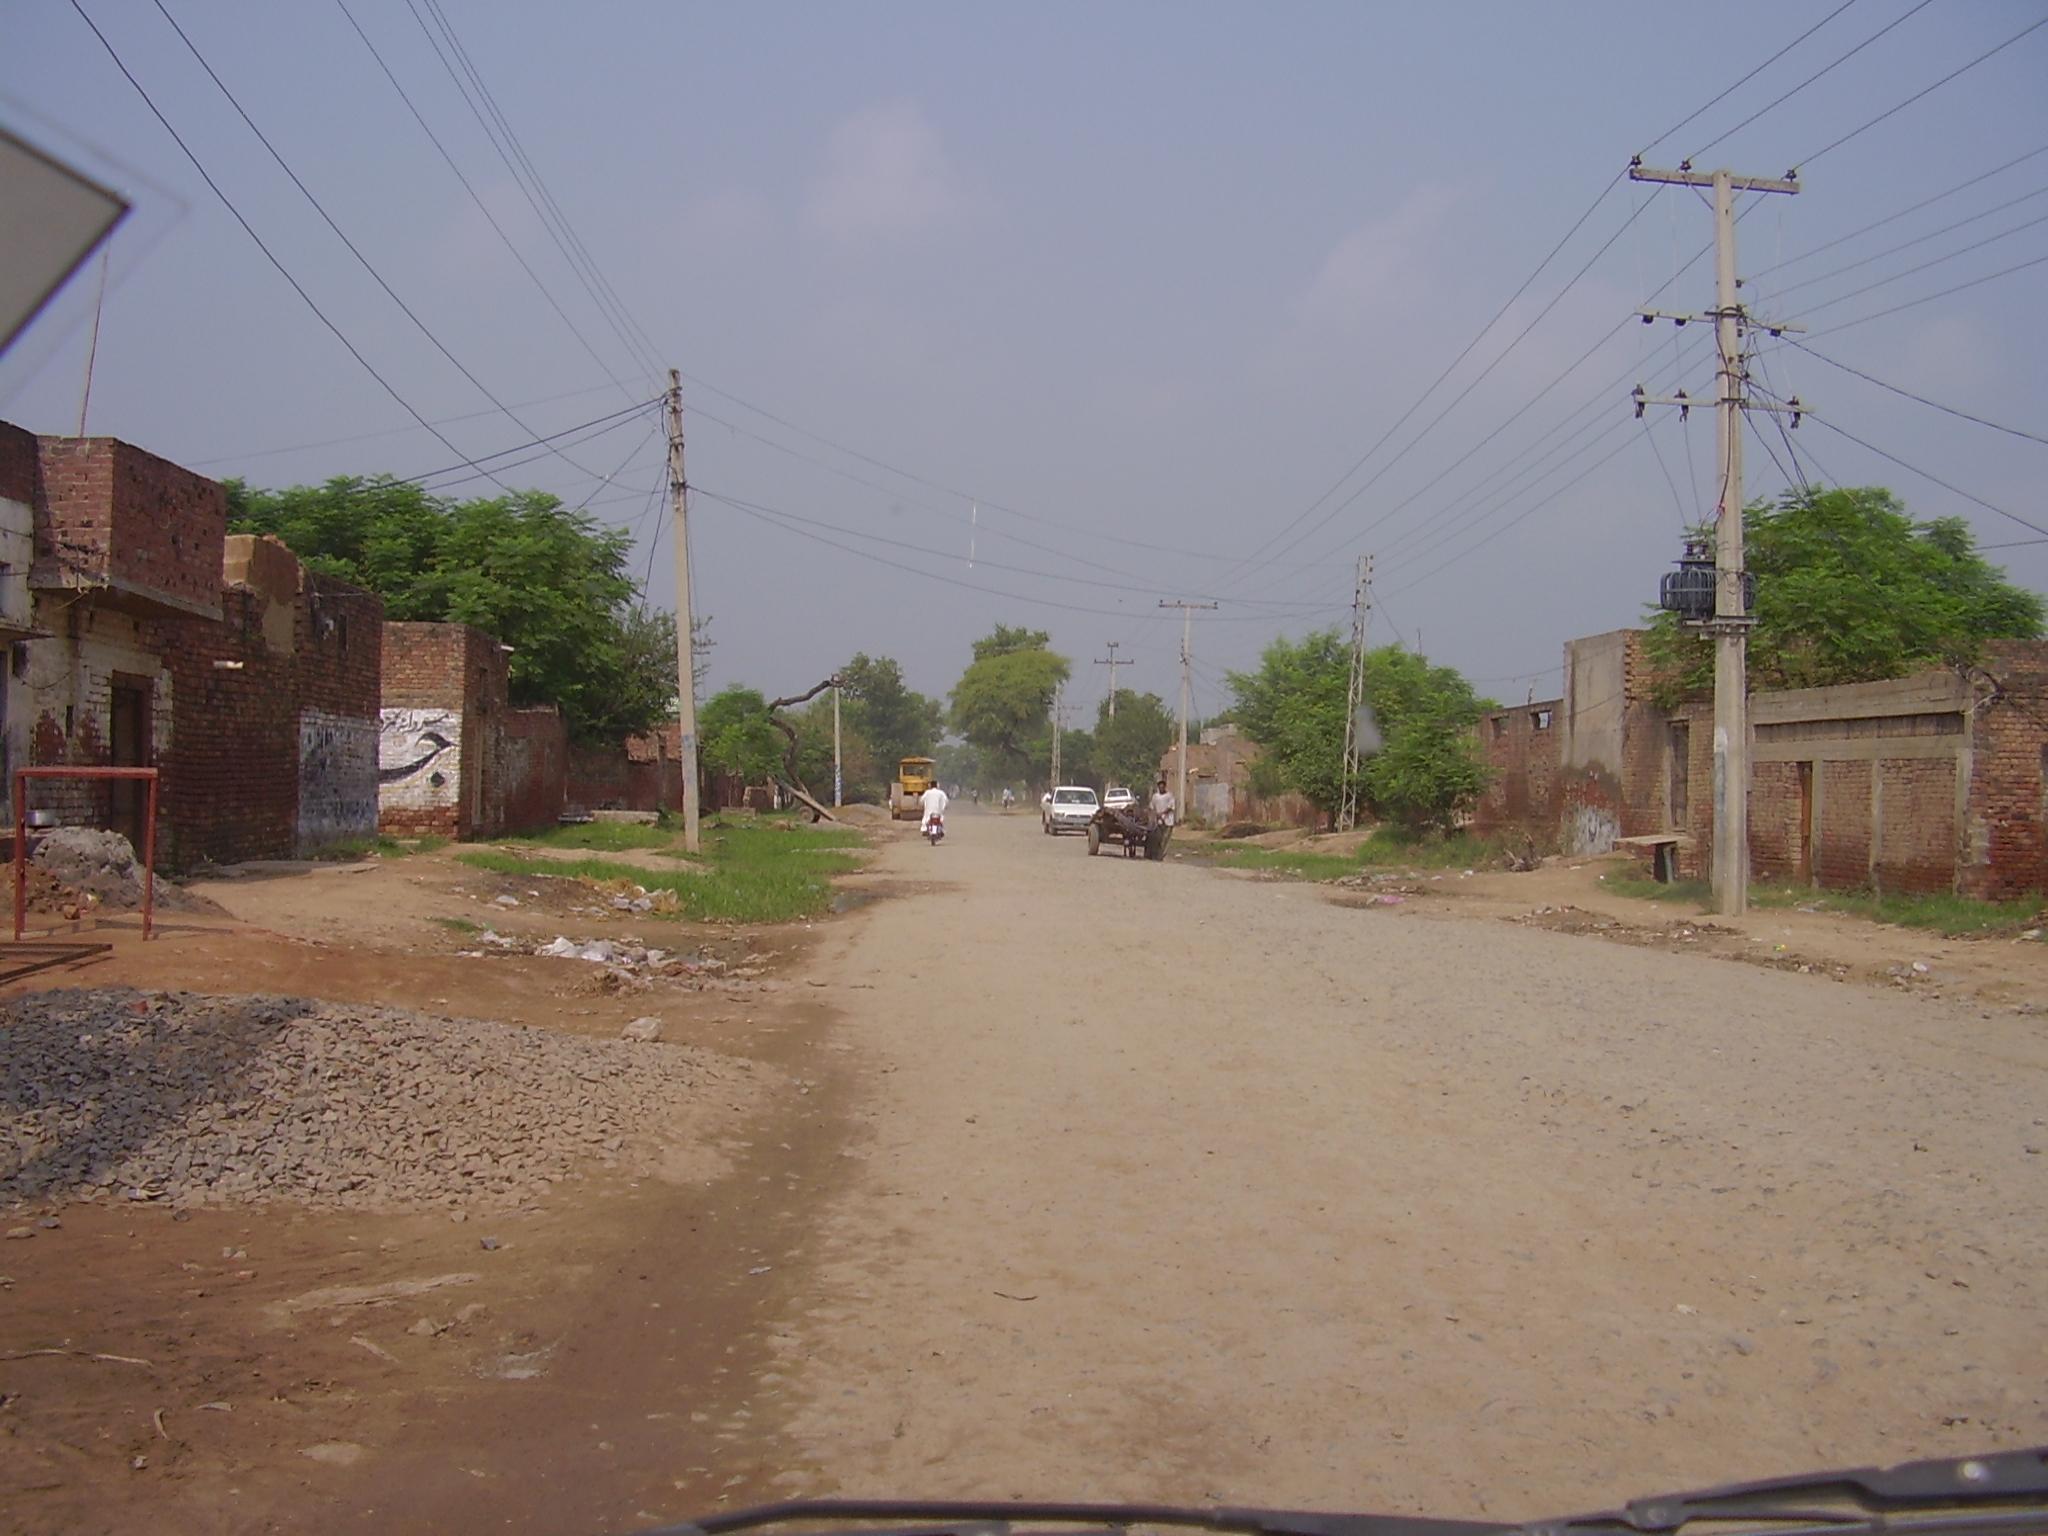 Dhidowali, Dhidowali, Daska, Sialkot, Pakistan